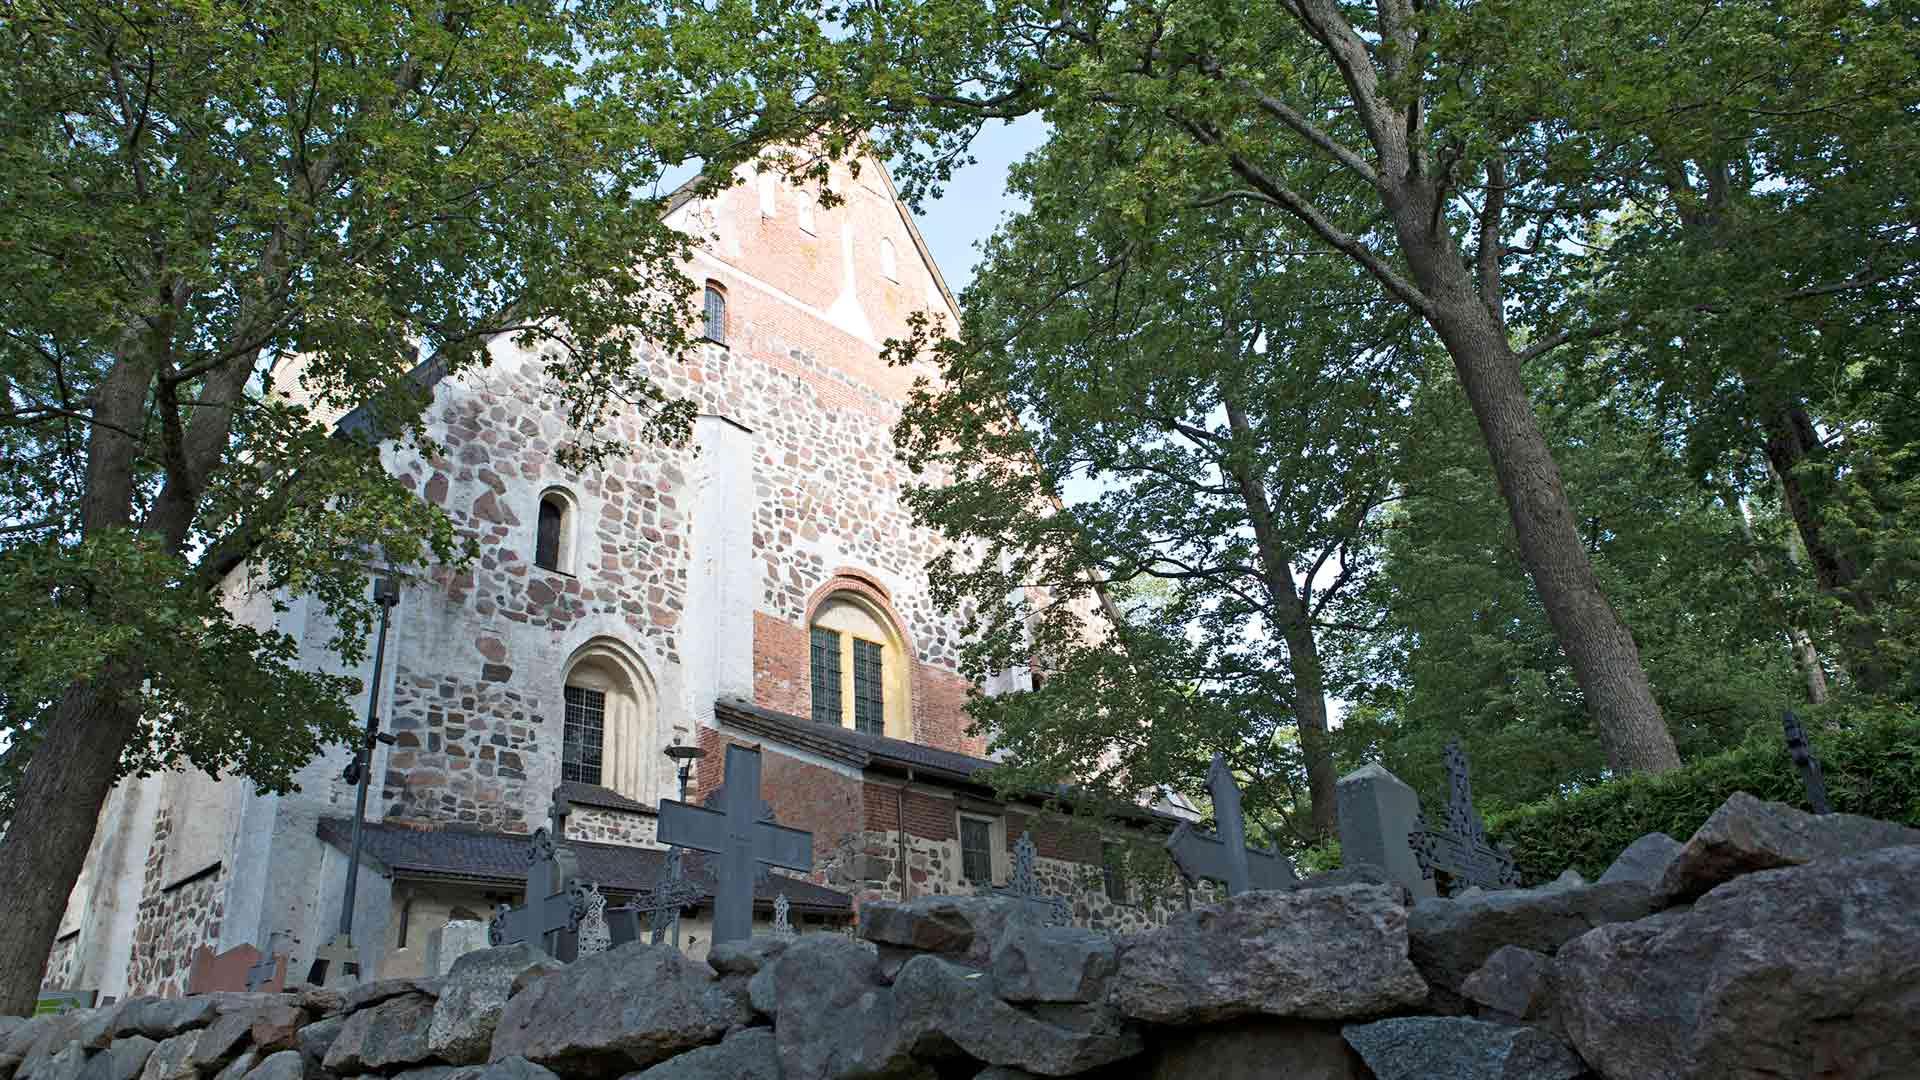 Naantalin kirkko on Suomen toiseksi suurin keskiaikainen kivikirkko.